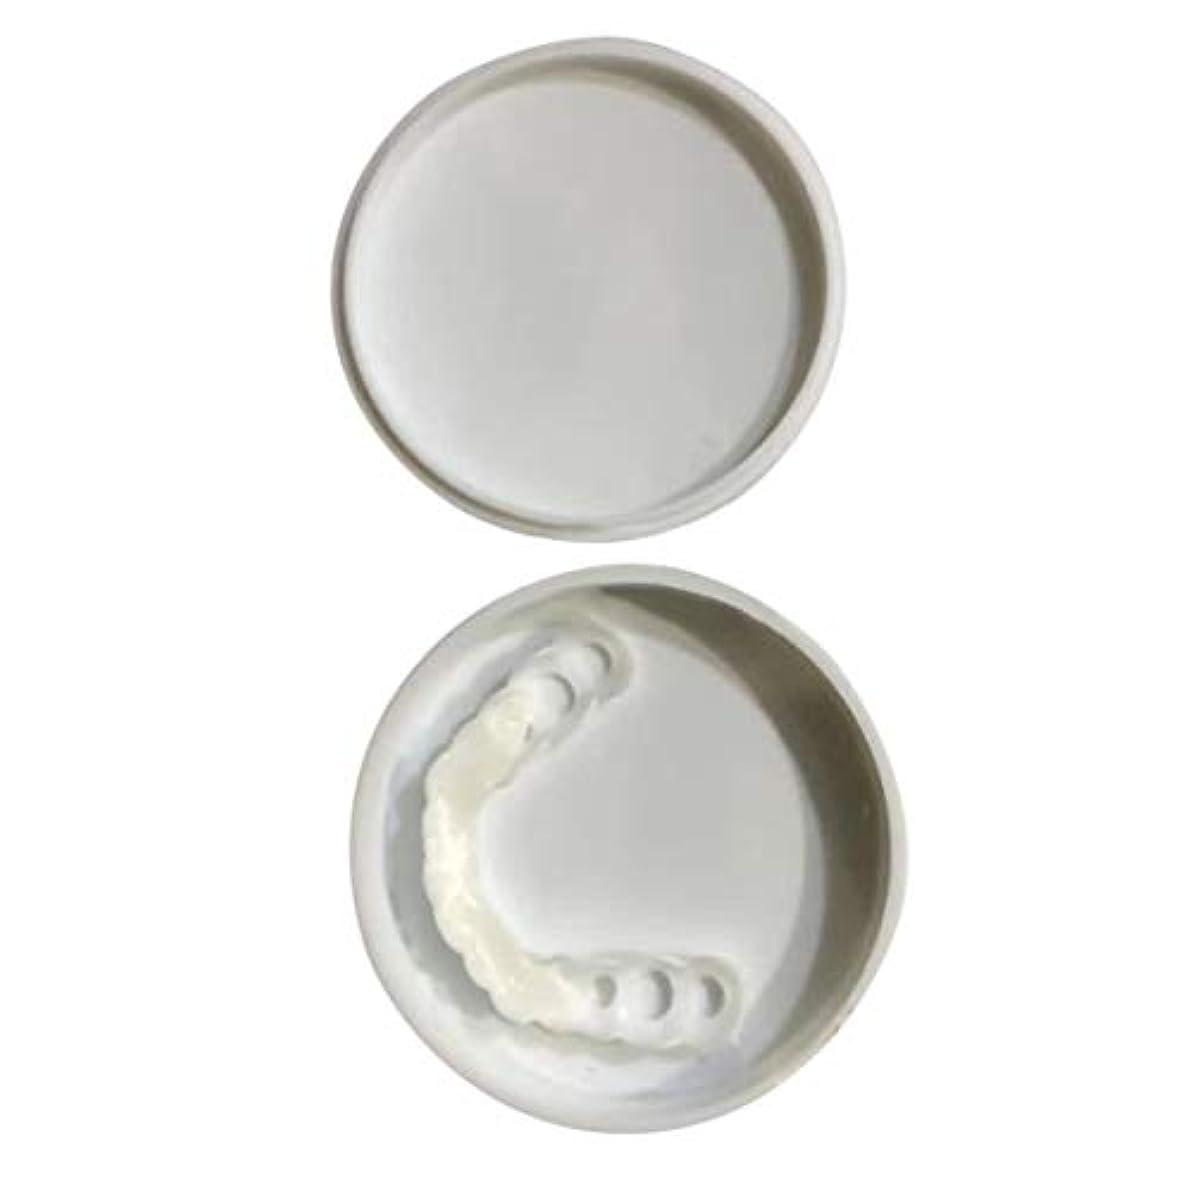 放射能実験注釈快適なスナップオン男性女性歯インスタントパーフェクトスマイルコンフォートフィットフレックス歯フィットホワイトニング笑顔偽歯カバー - ホワイト